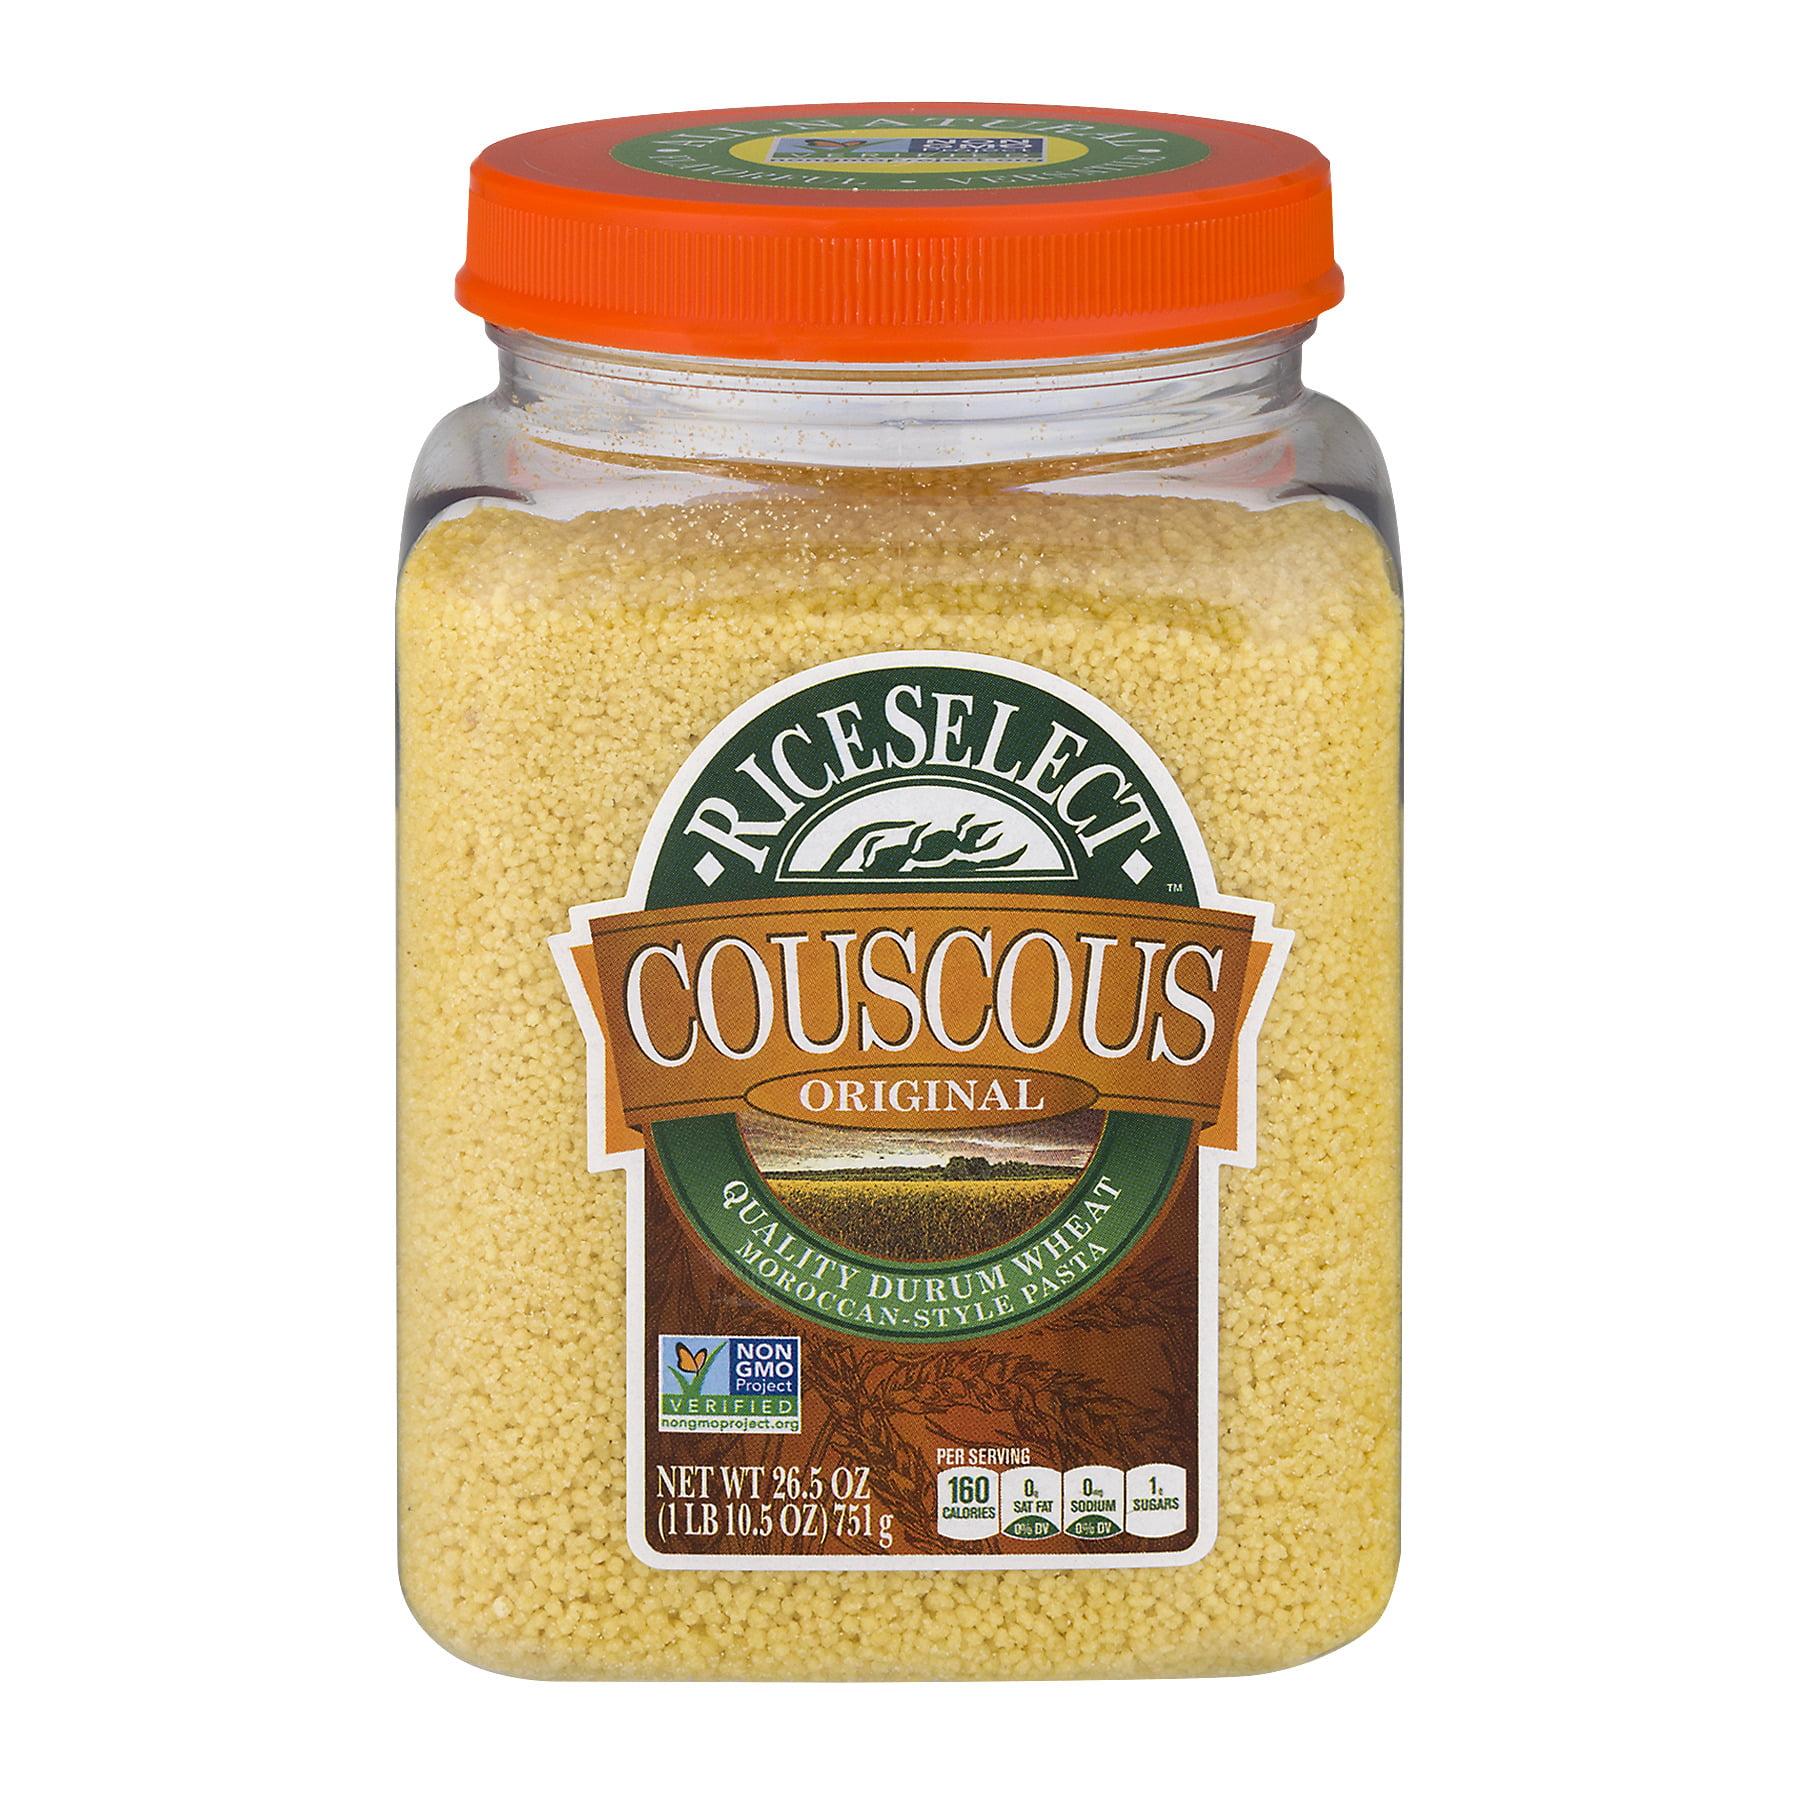 RiceSelect Couscous Original, 26.5 OZ